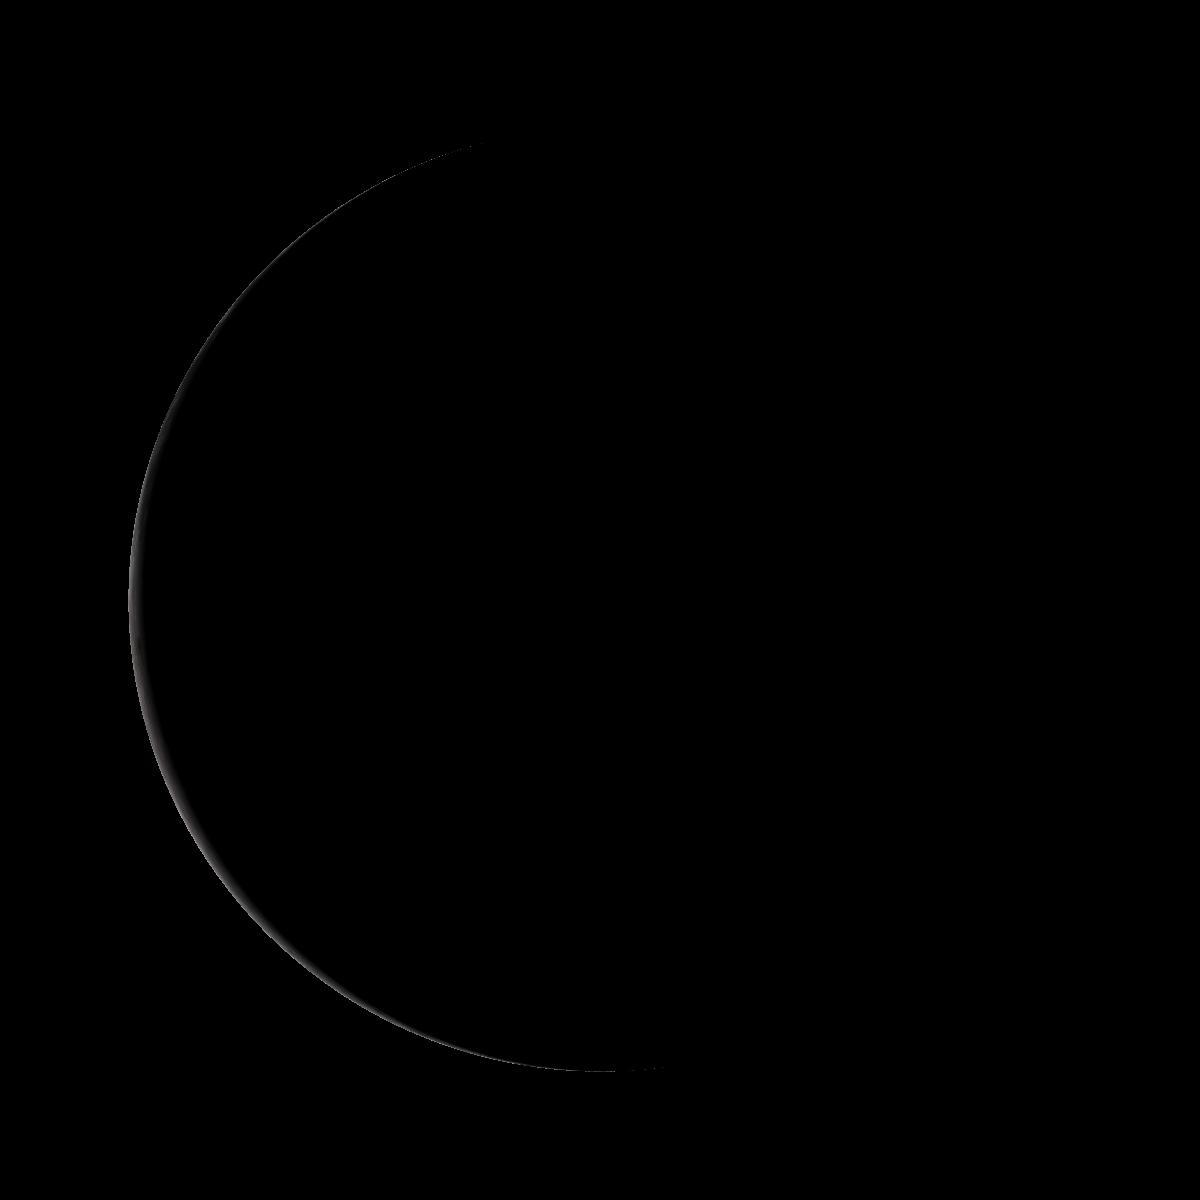 Lune du 25 décembre 2019